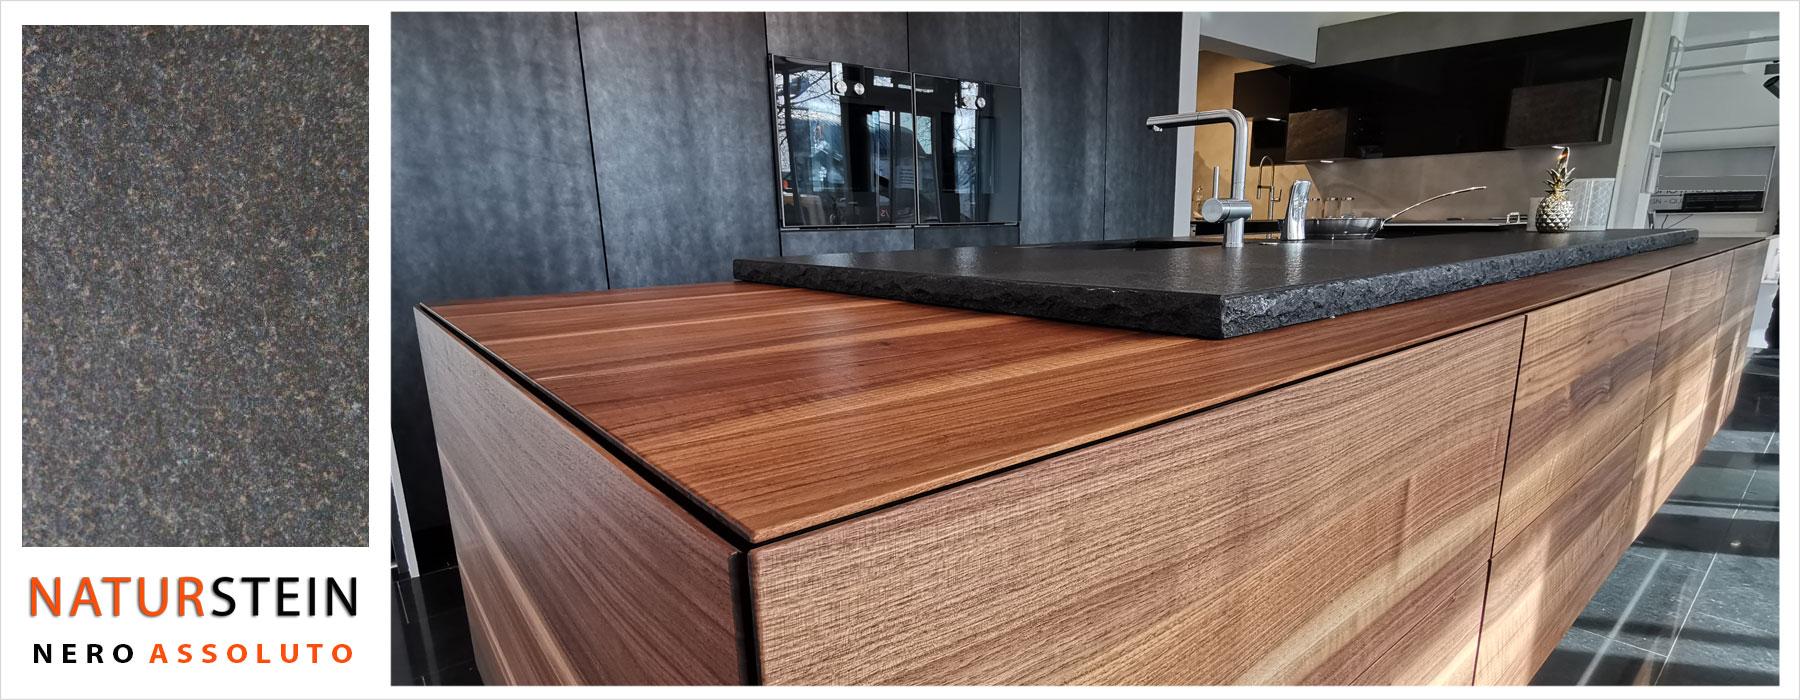 Full Size of Gebrauchte Arbeitsplatten Küche Holz Arbeitsplatten Küche Hersteller Arbeitsplatten Küche Preisvergleich Arbeitsplatten Küche Vergleich Küche Arbeitsplatten Küche